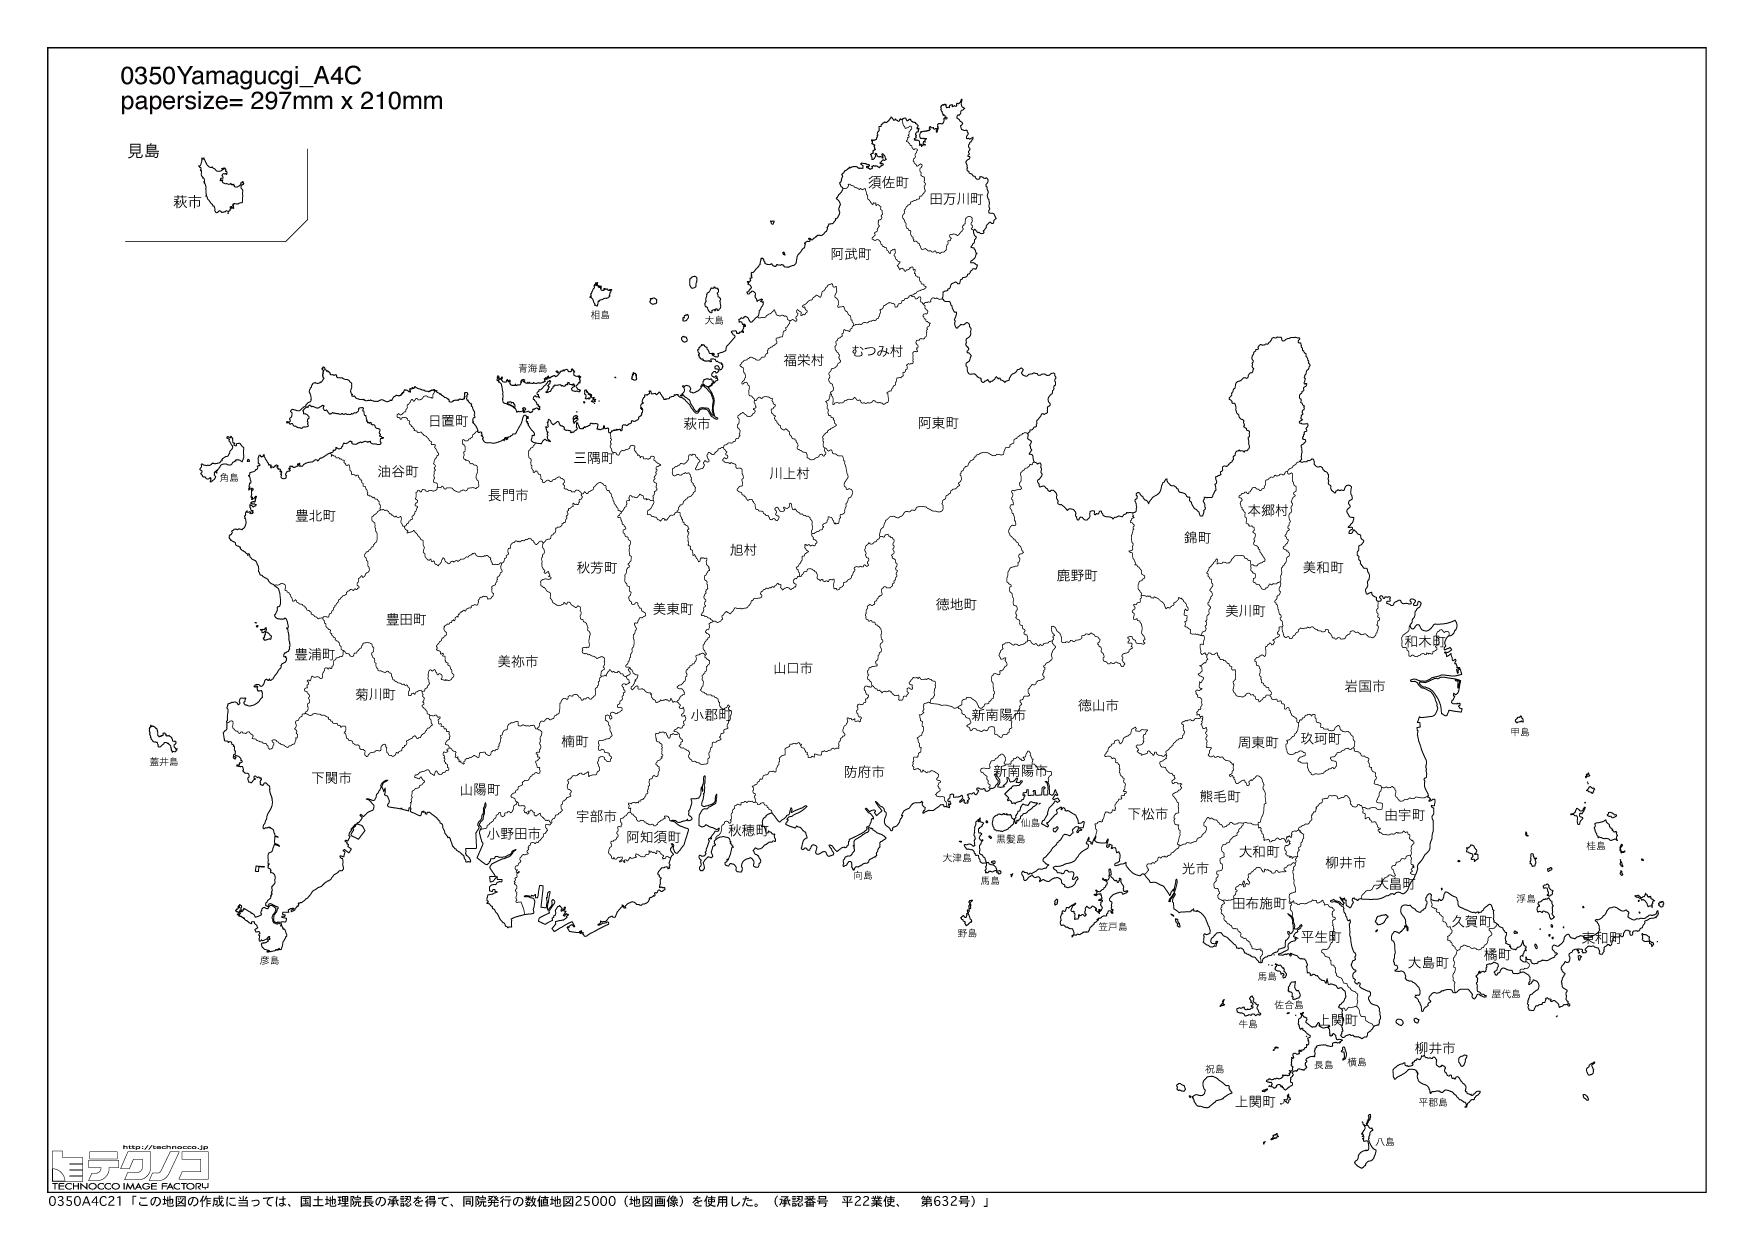 ... 白地図,無料 : 山口県 白地図集 : 都道府県 白地図 フリー : 白地図